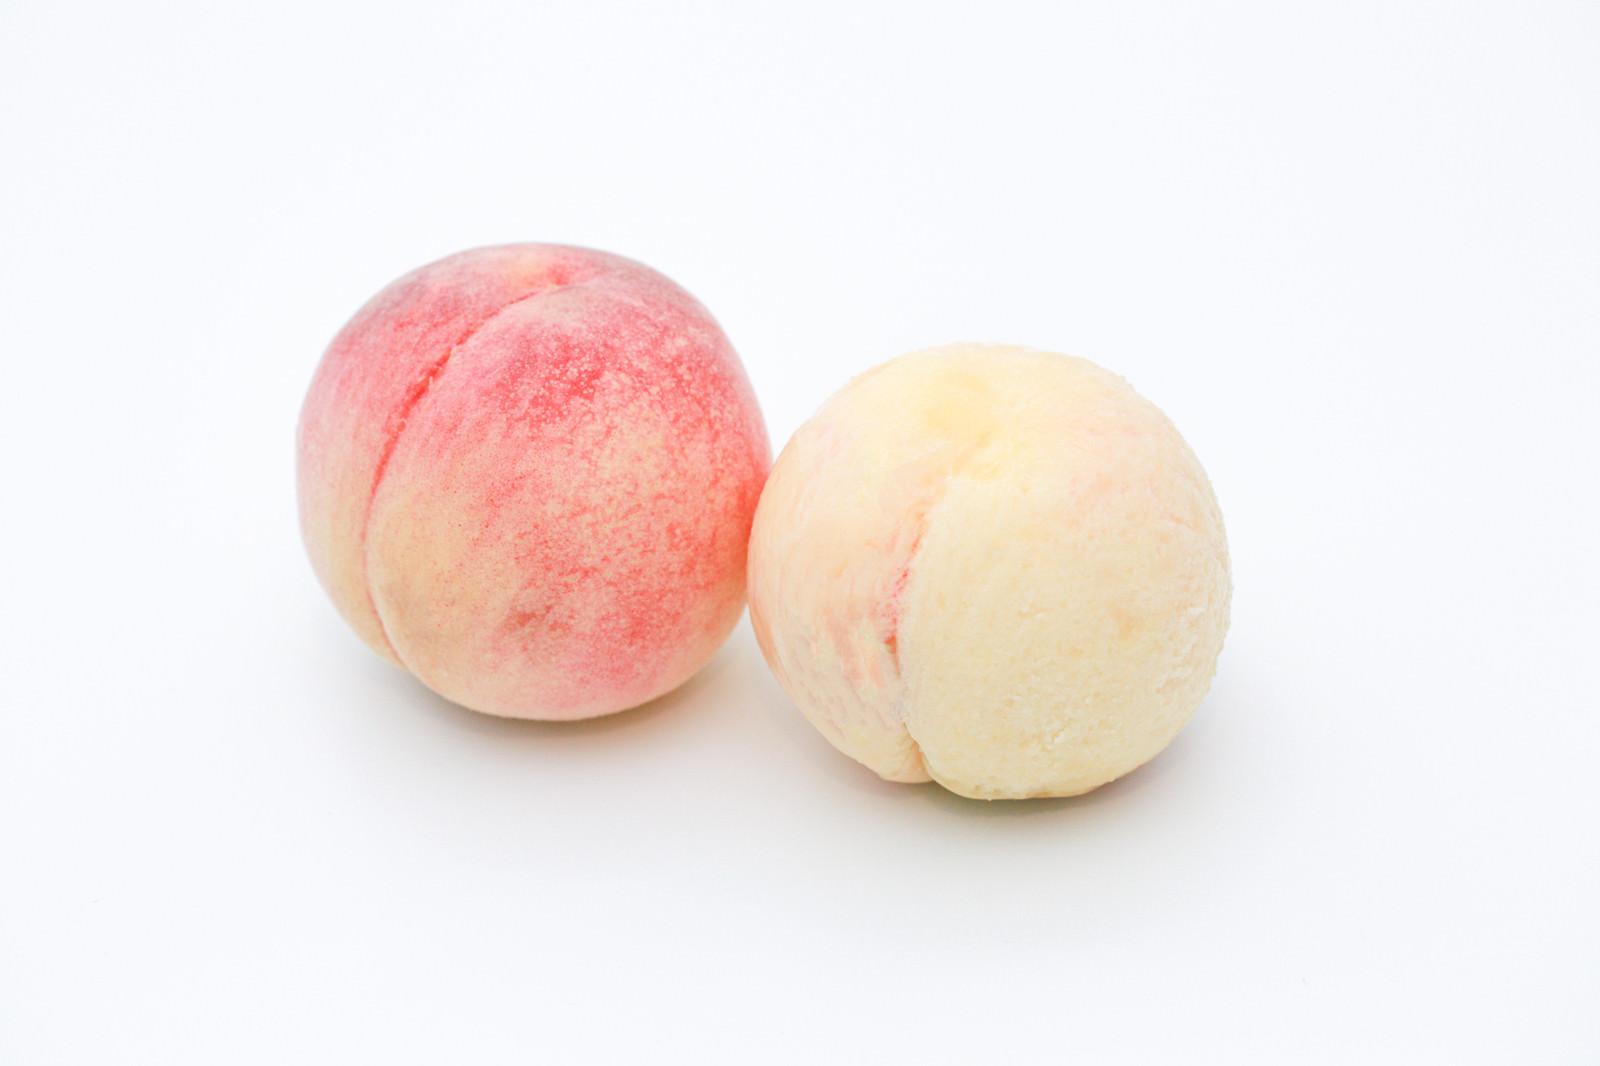 皮を剥いた桃と剥く前の桃の無料の写真素材(フリー素材)をダウンロード - ぱくたそ